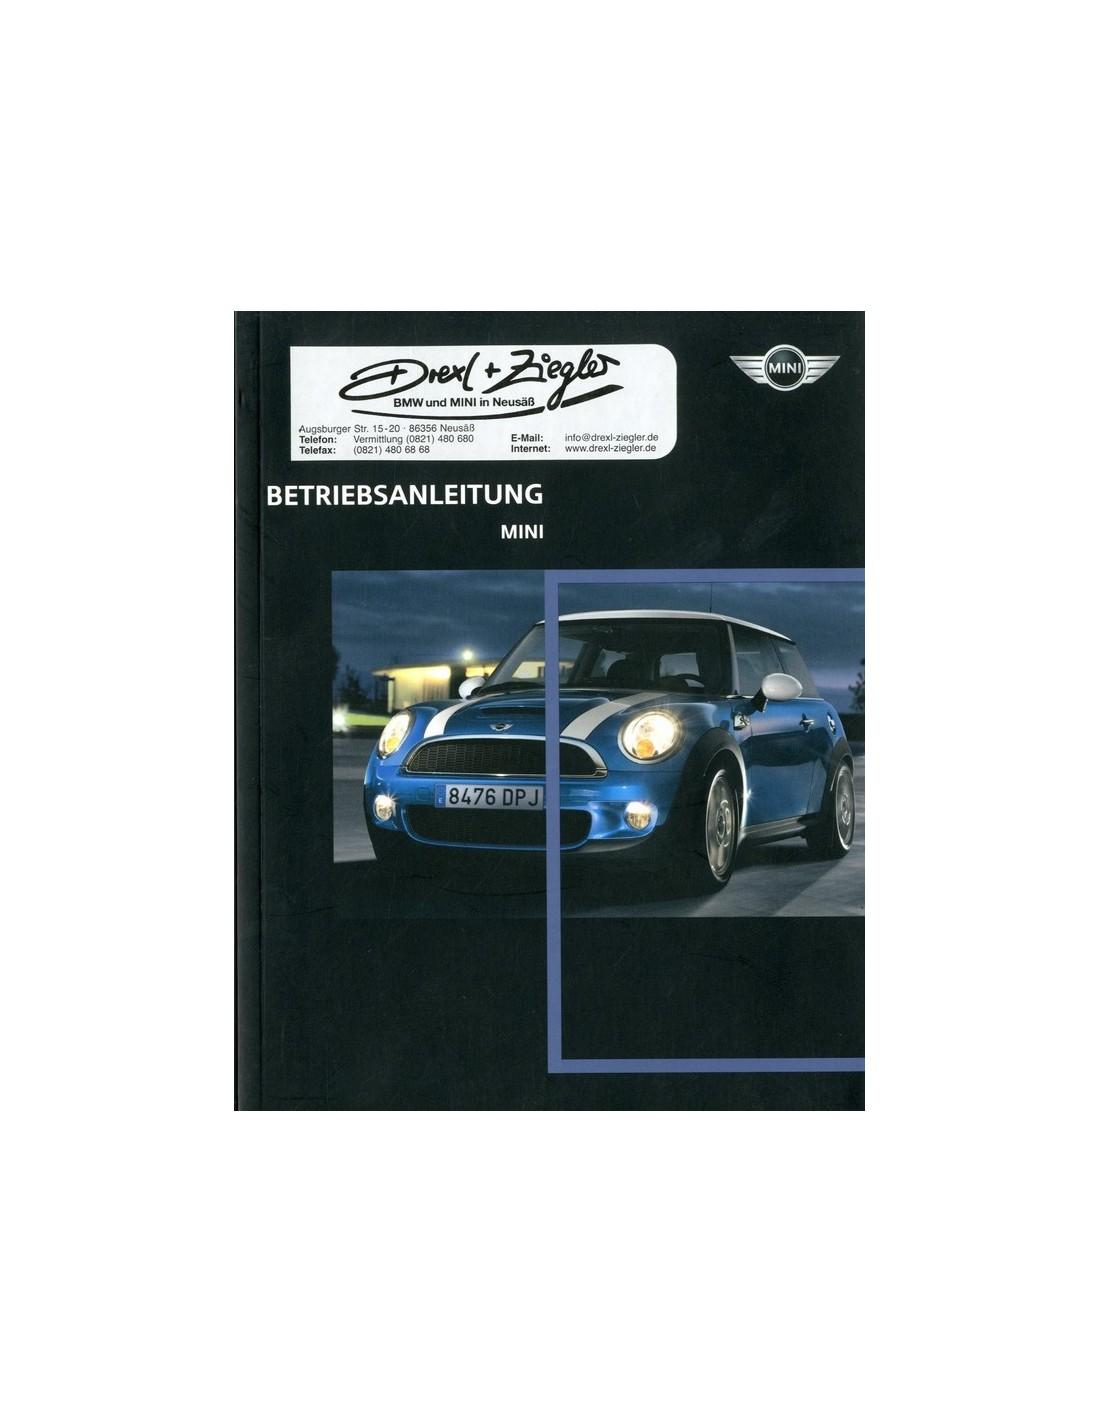 2008 mini owner s manual german rh autolit eu 2008 mini cooper service manual 2008 mini cooper owners manual pdf